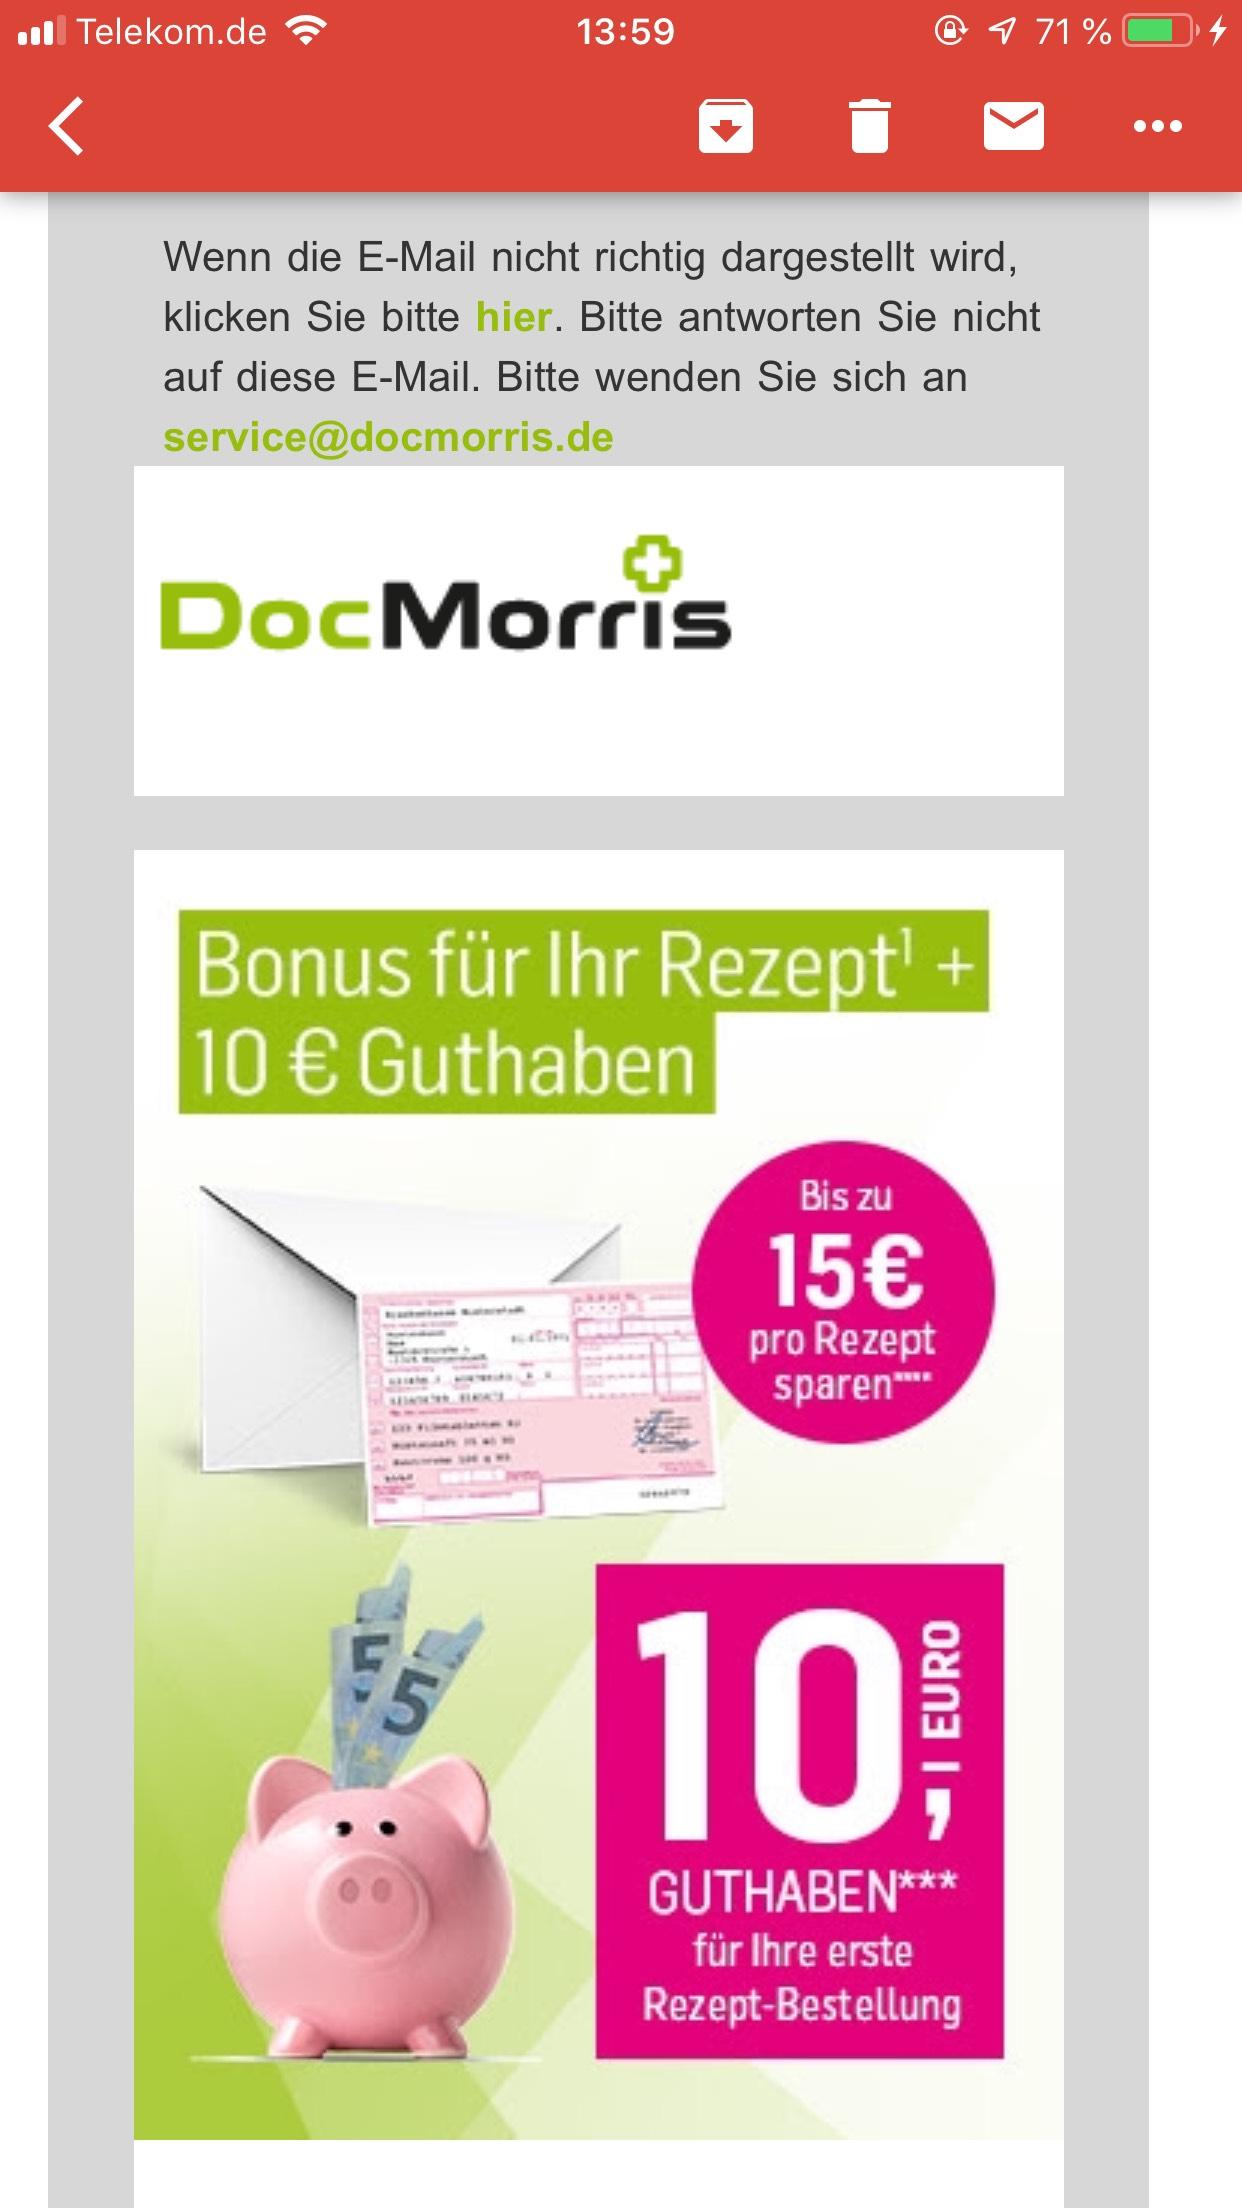 DocMorris 10€ Bonusguthaben für rezeptpflichtige Medikamente